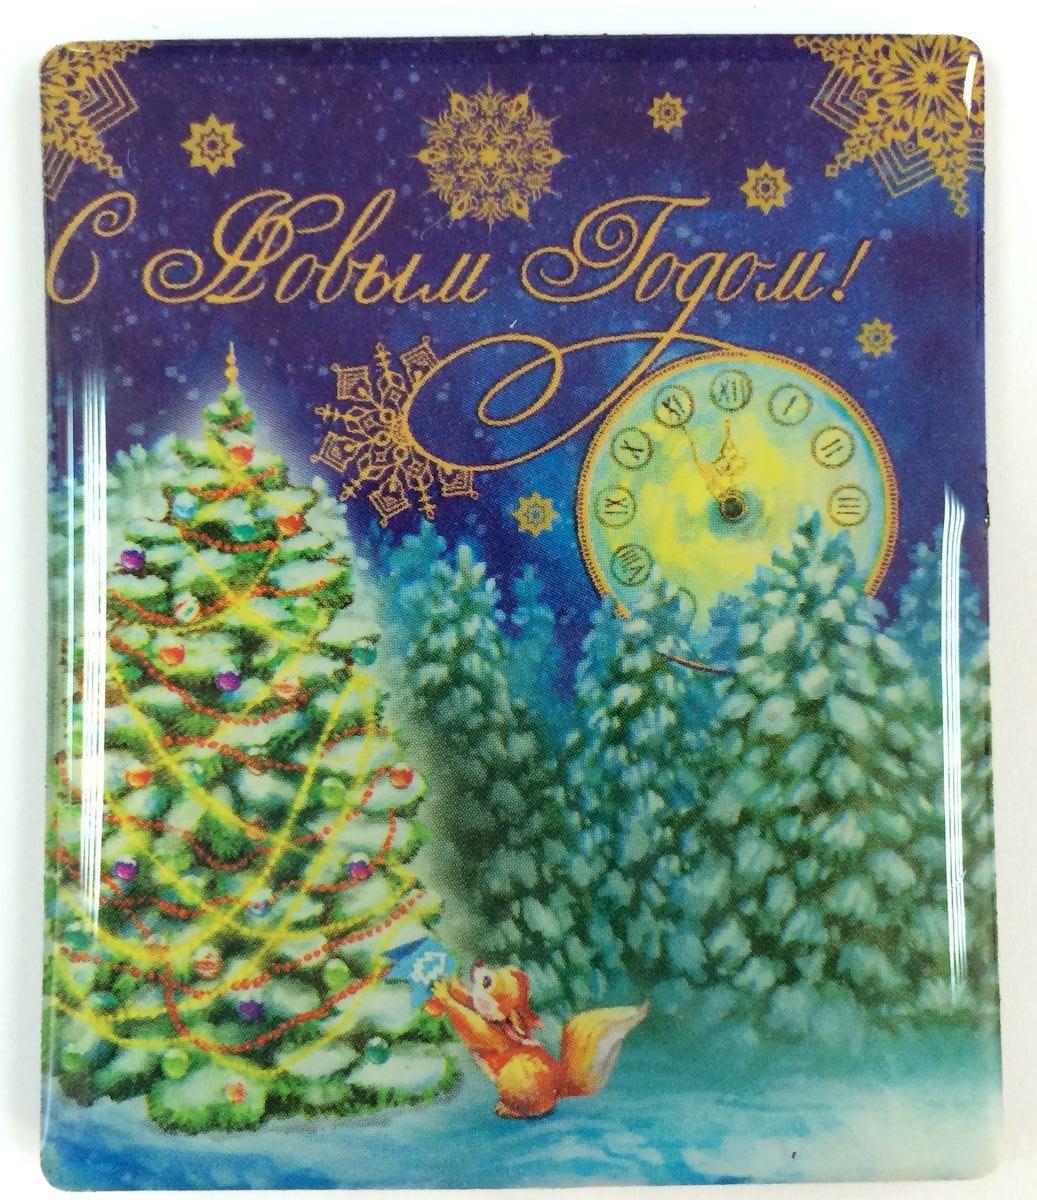 Магнит декоративный Magic Time Белочка в лесу, 6 х 5 см. 3837138371Магнит Magic Time Белочка в лесу, выполненный из агломерированного феррита, прекрасно подойдет в качестве сувенира к Новому году или станет приятным презентом в обычный день. Магнит - одно из самых простых, недорогих и при этом оригинальных украшений интерьера. Он поможет вам украсить не только холодильник, но и любую другую магнитную поверхность. Материал: агломерированный феррит.